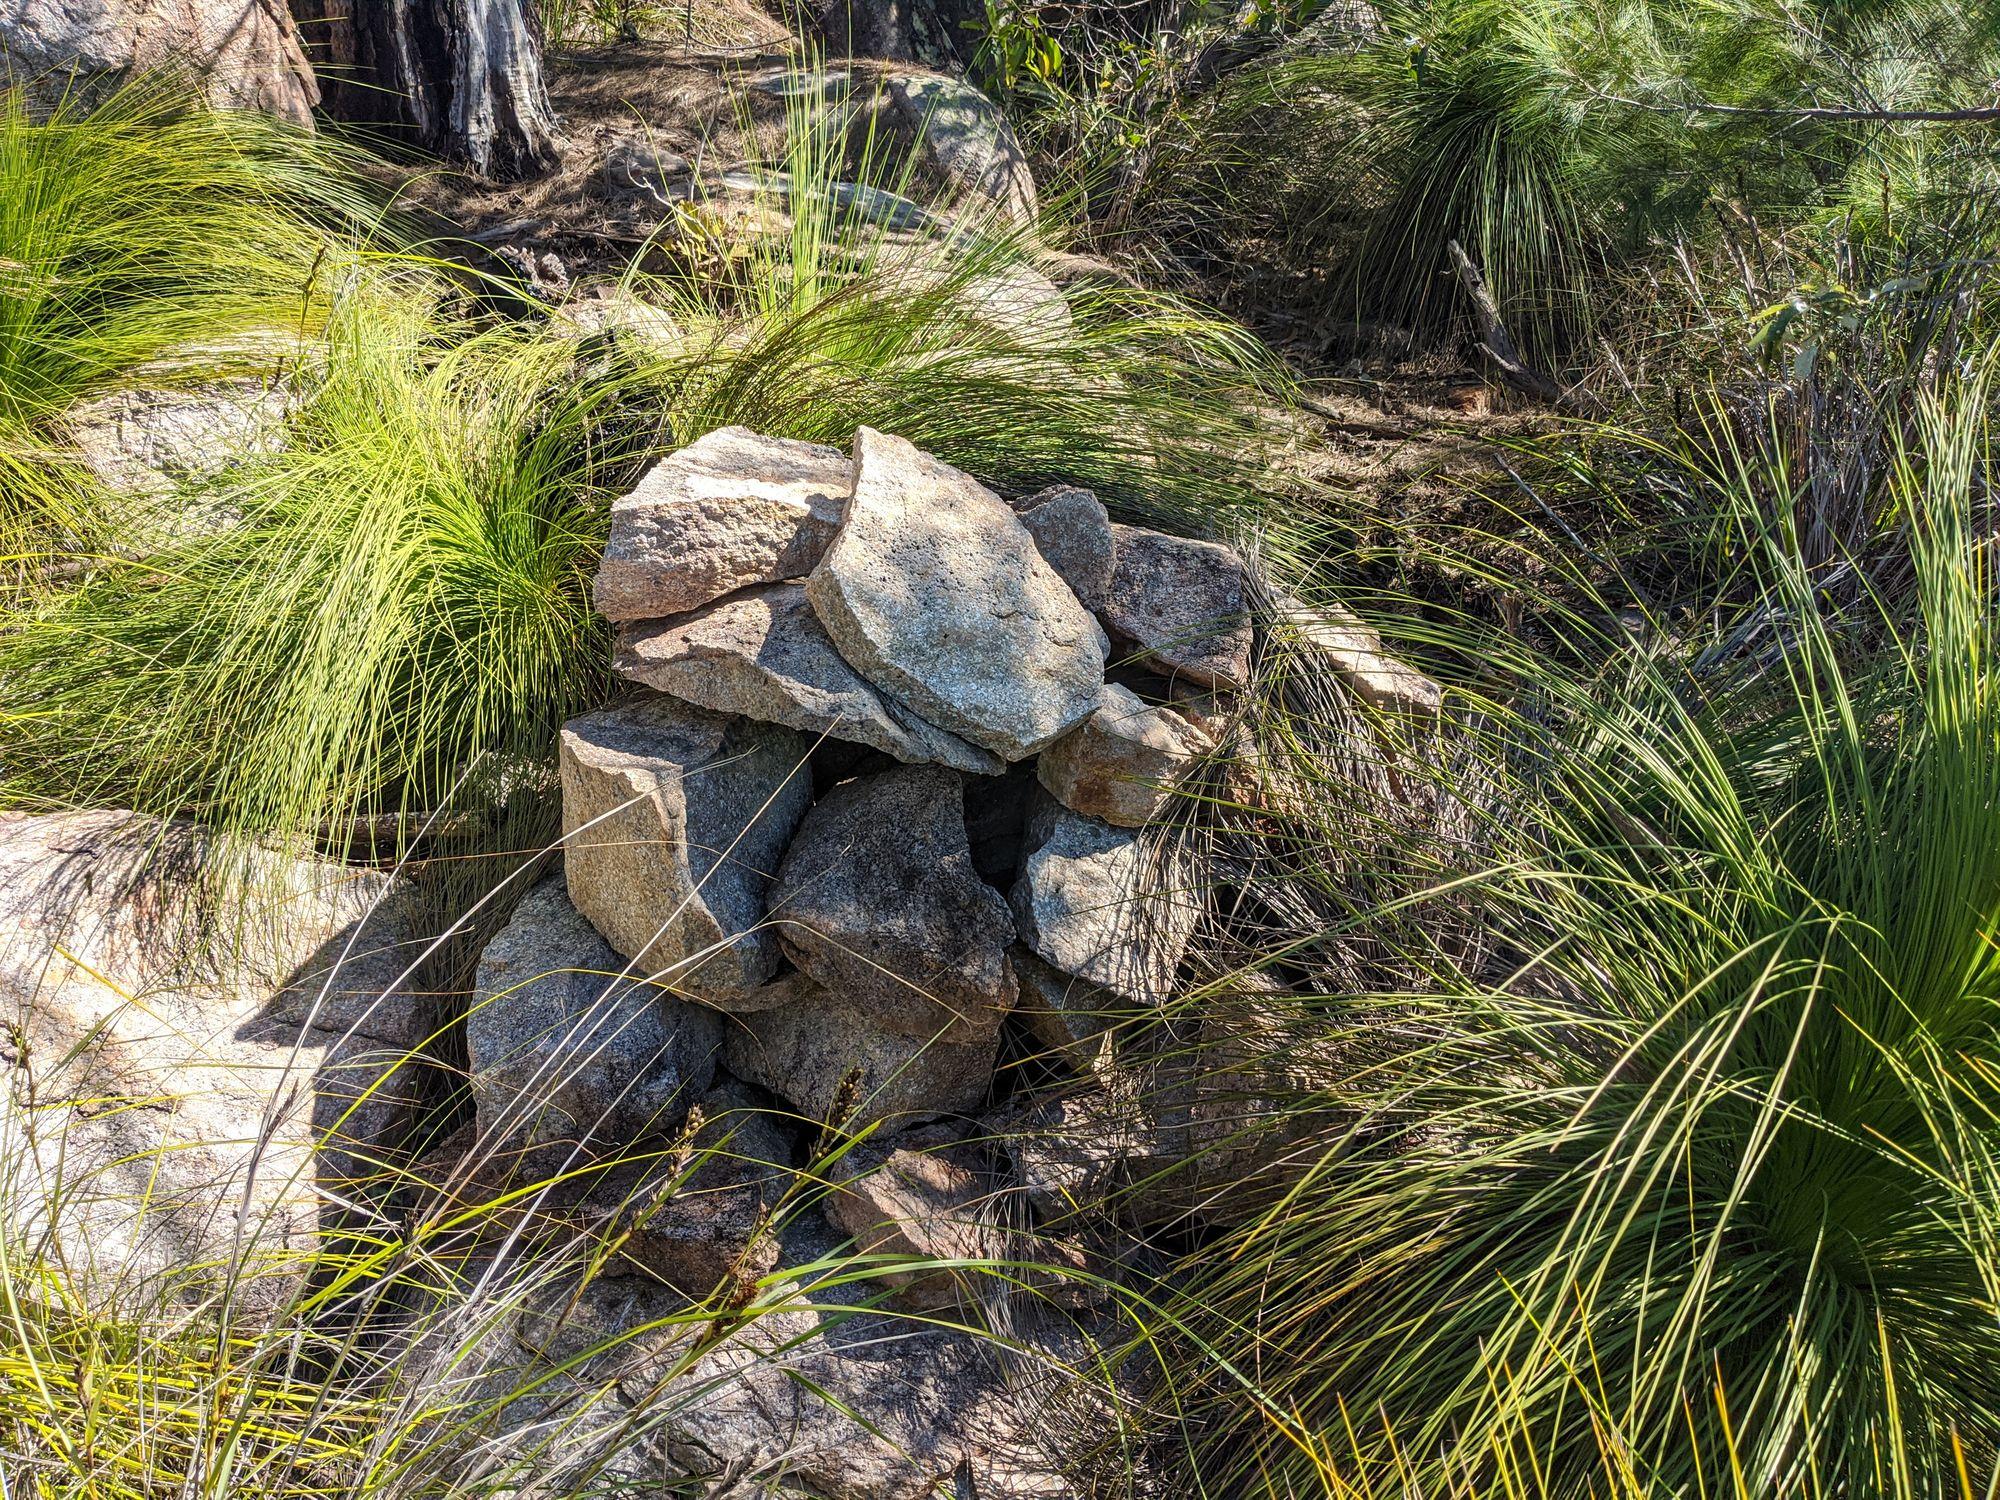 mt paluma magnetic island rock cairn